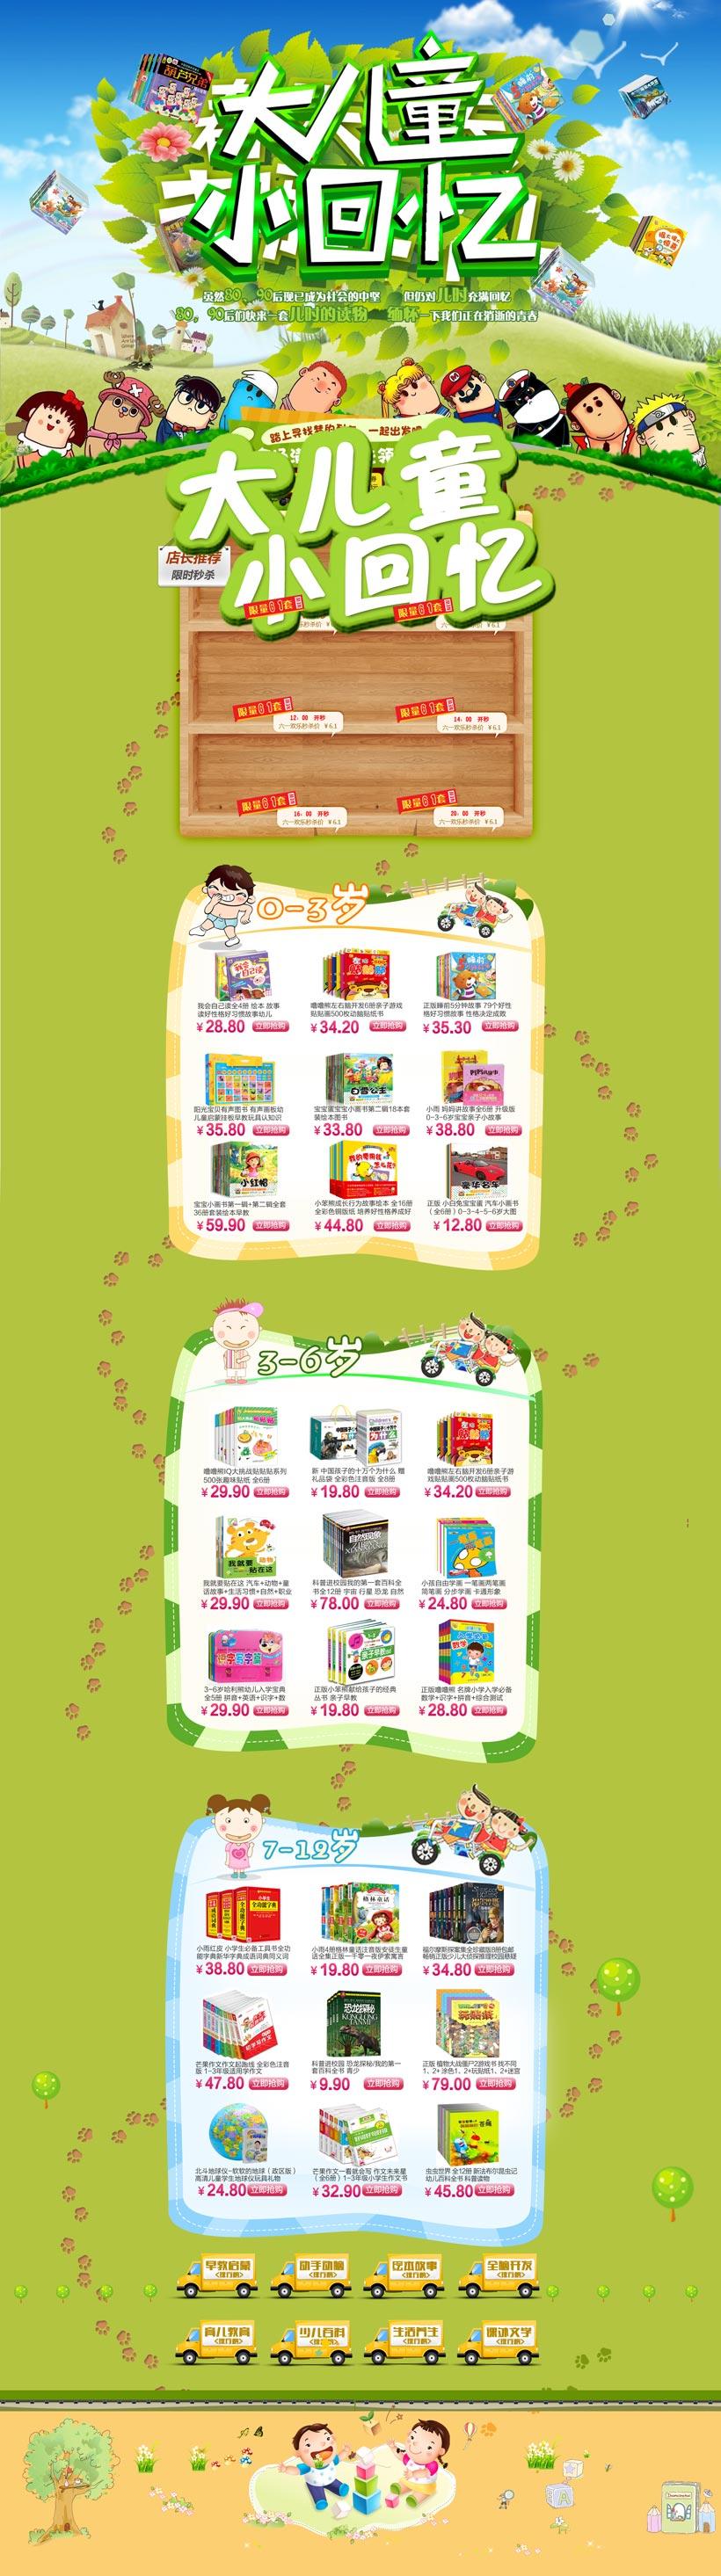 淘寶兒童書籍61兒童節頁面設計psd素材